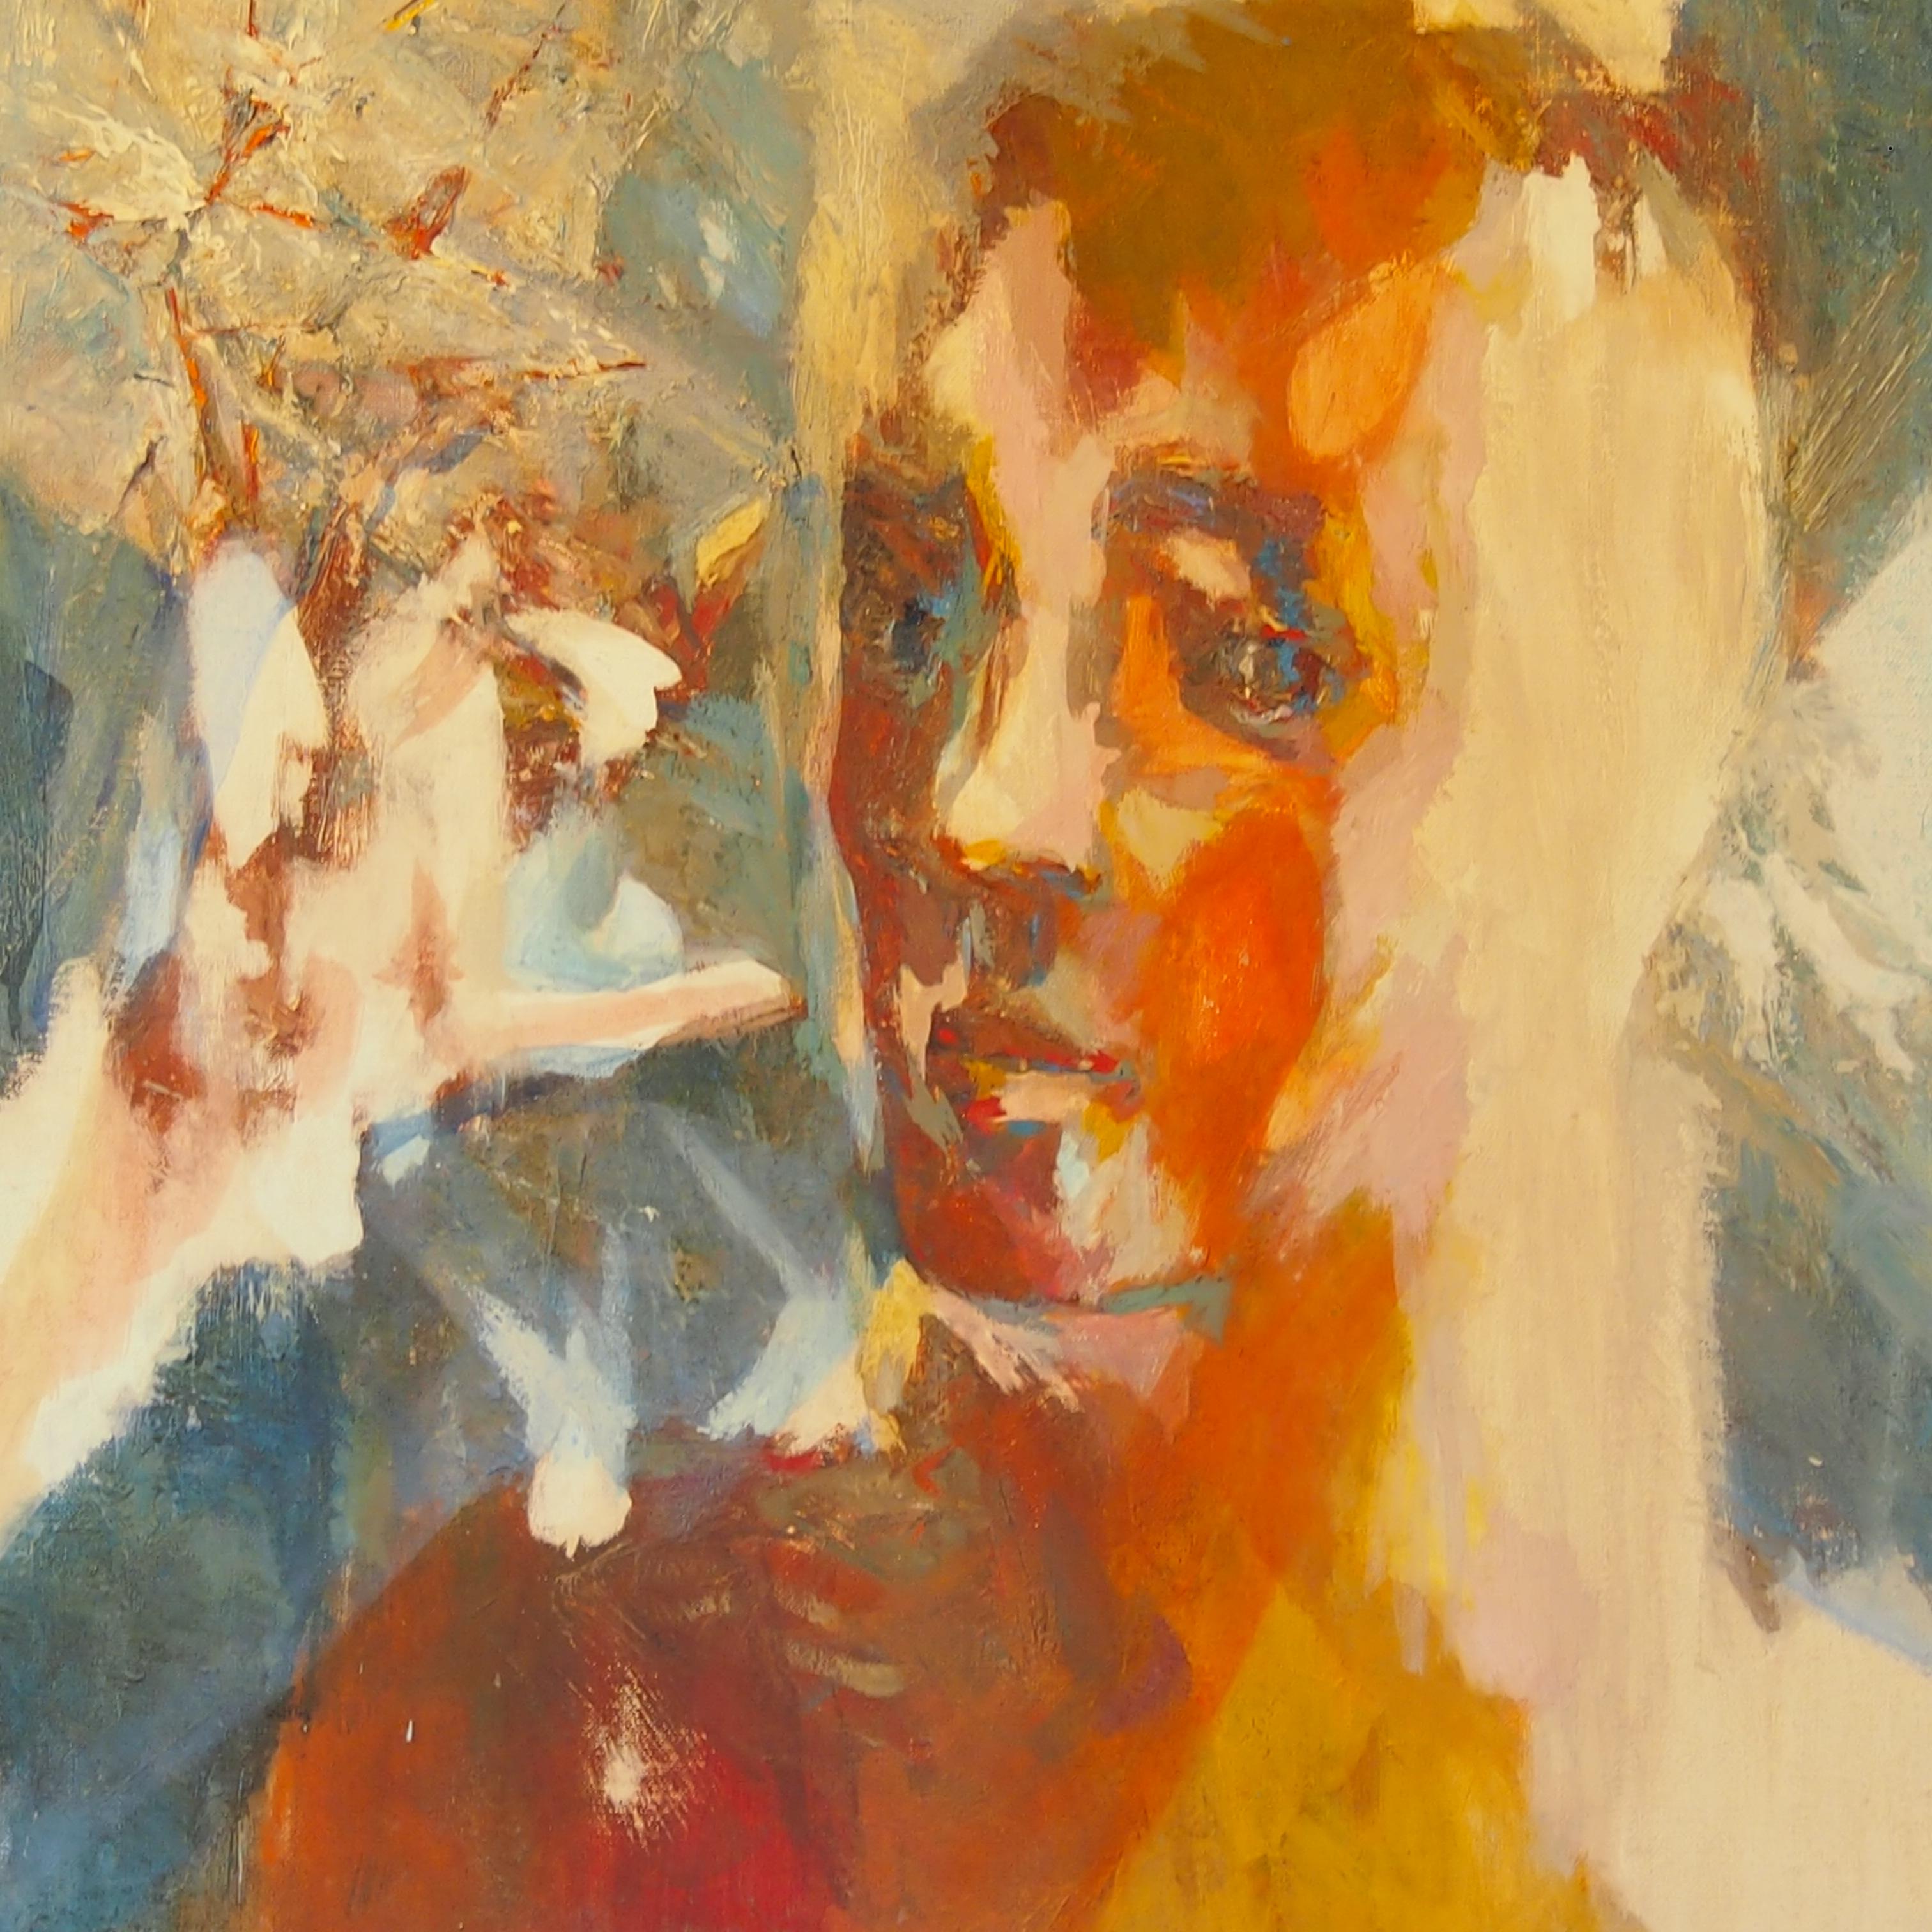 Martyre huile sur toile 48x45